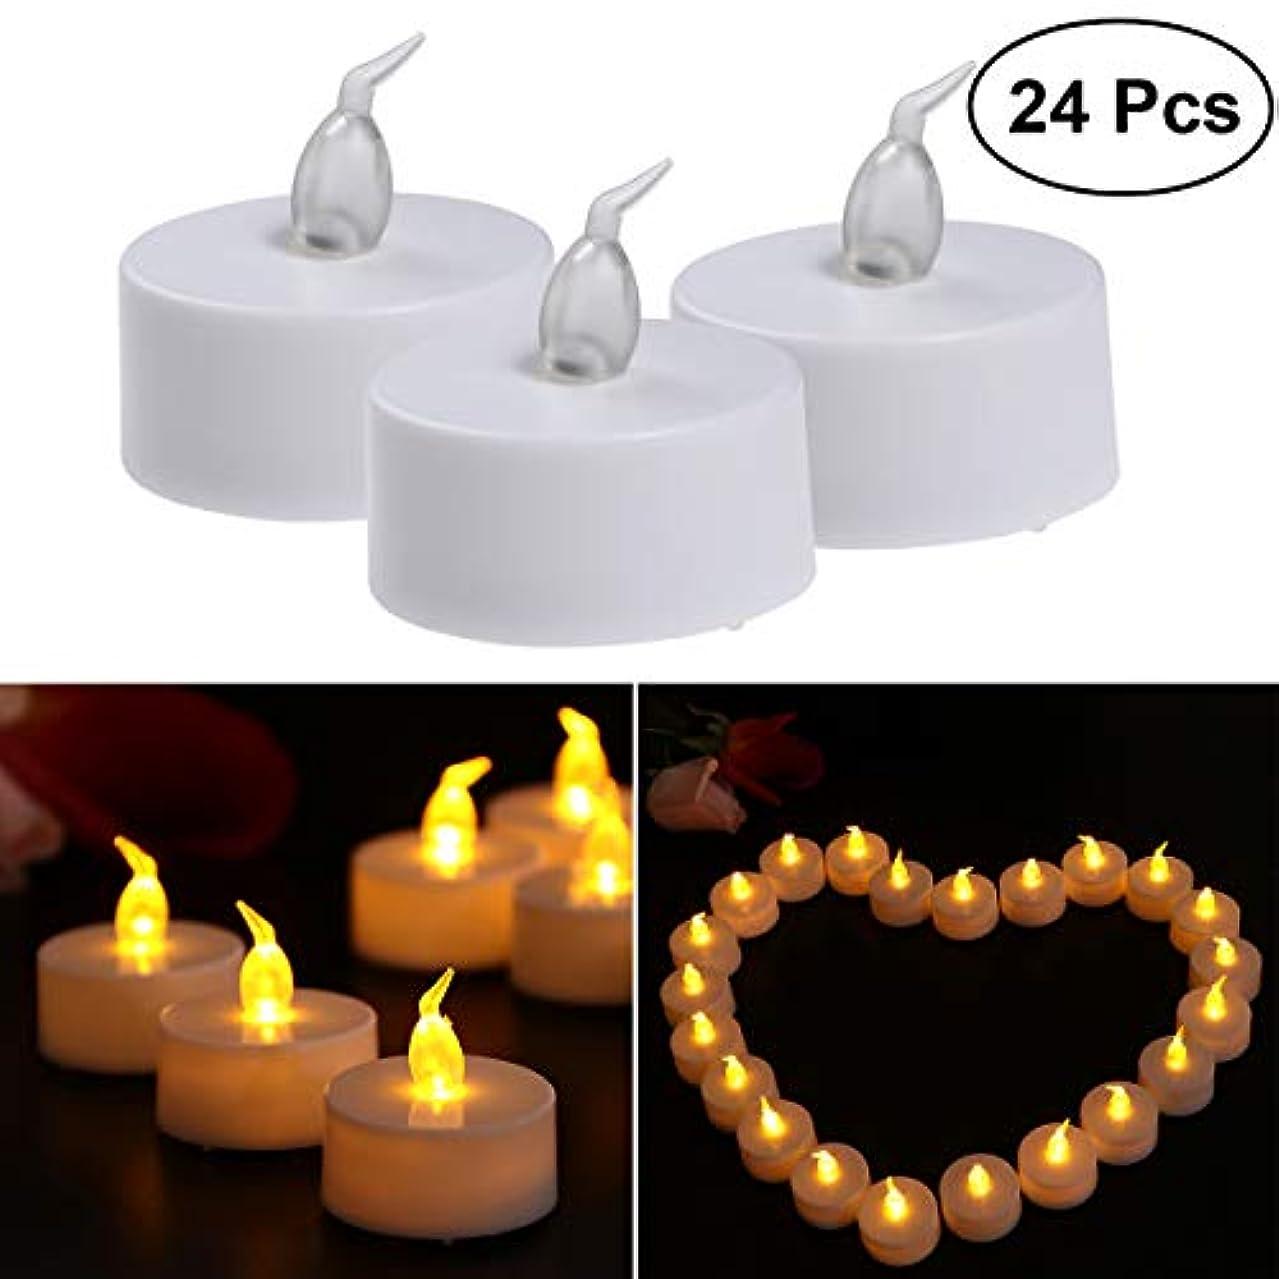 に動的分析的なVosarea キャンドル ライト LED キャンドルを点灯 電池で動作 プラスチック 誕生日 祭り 祝賀 3.8×4.2cm 24ピース(黄色のフラッシュライト)